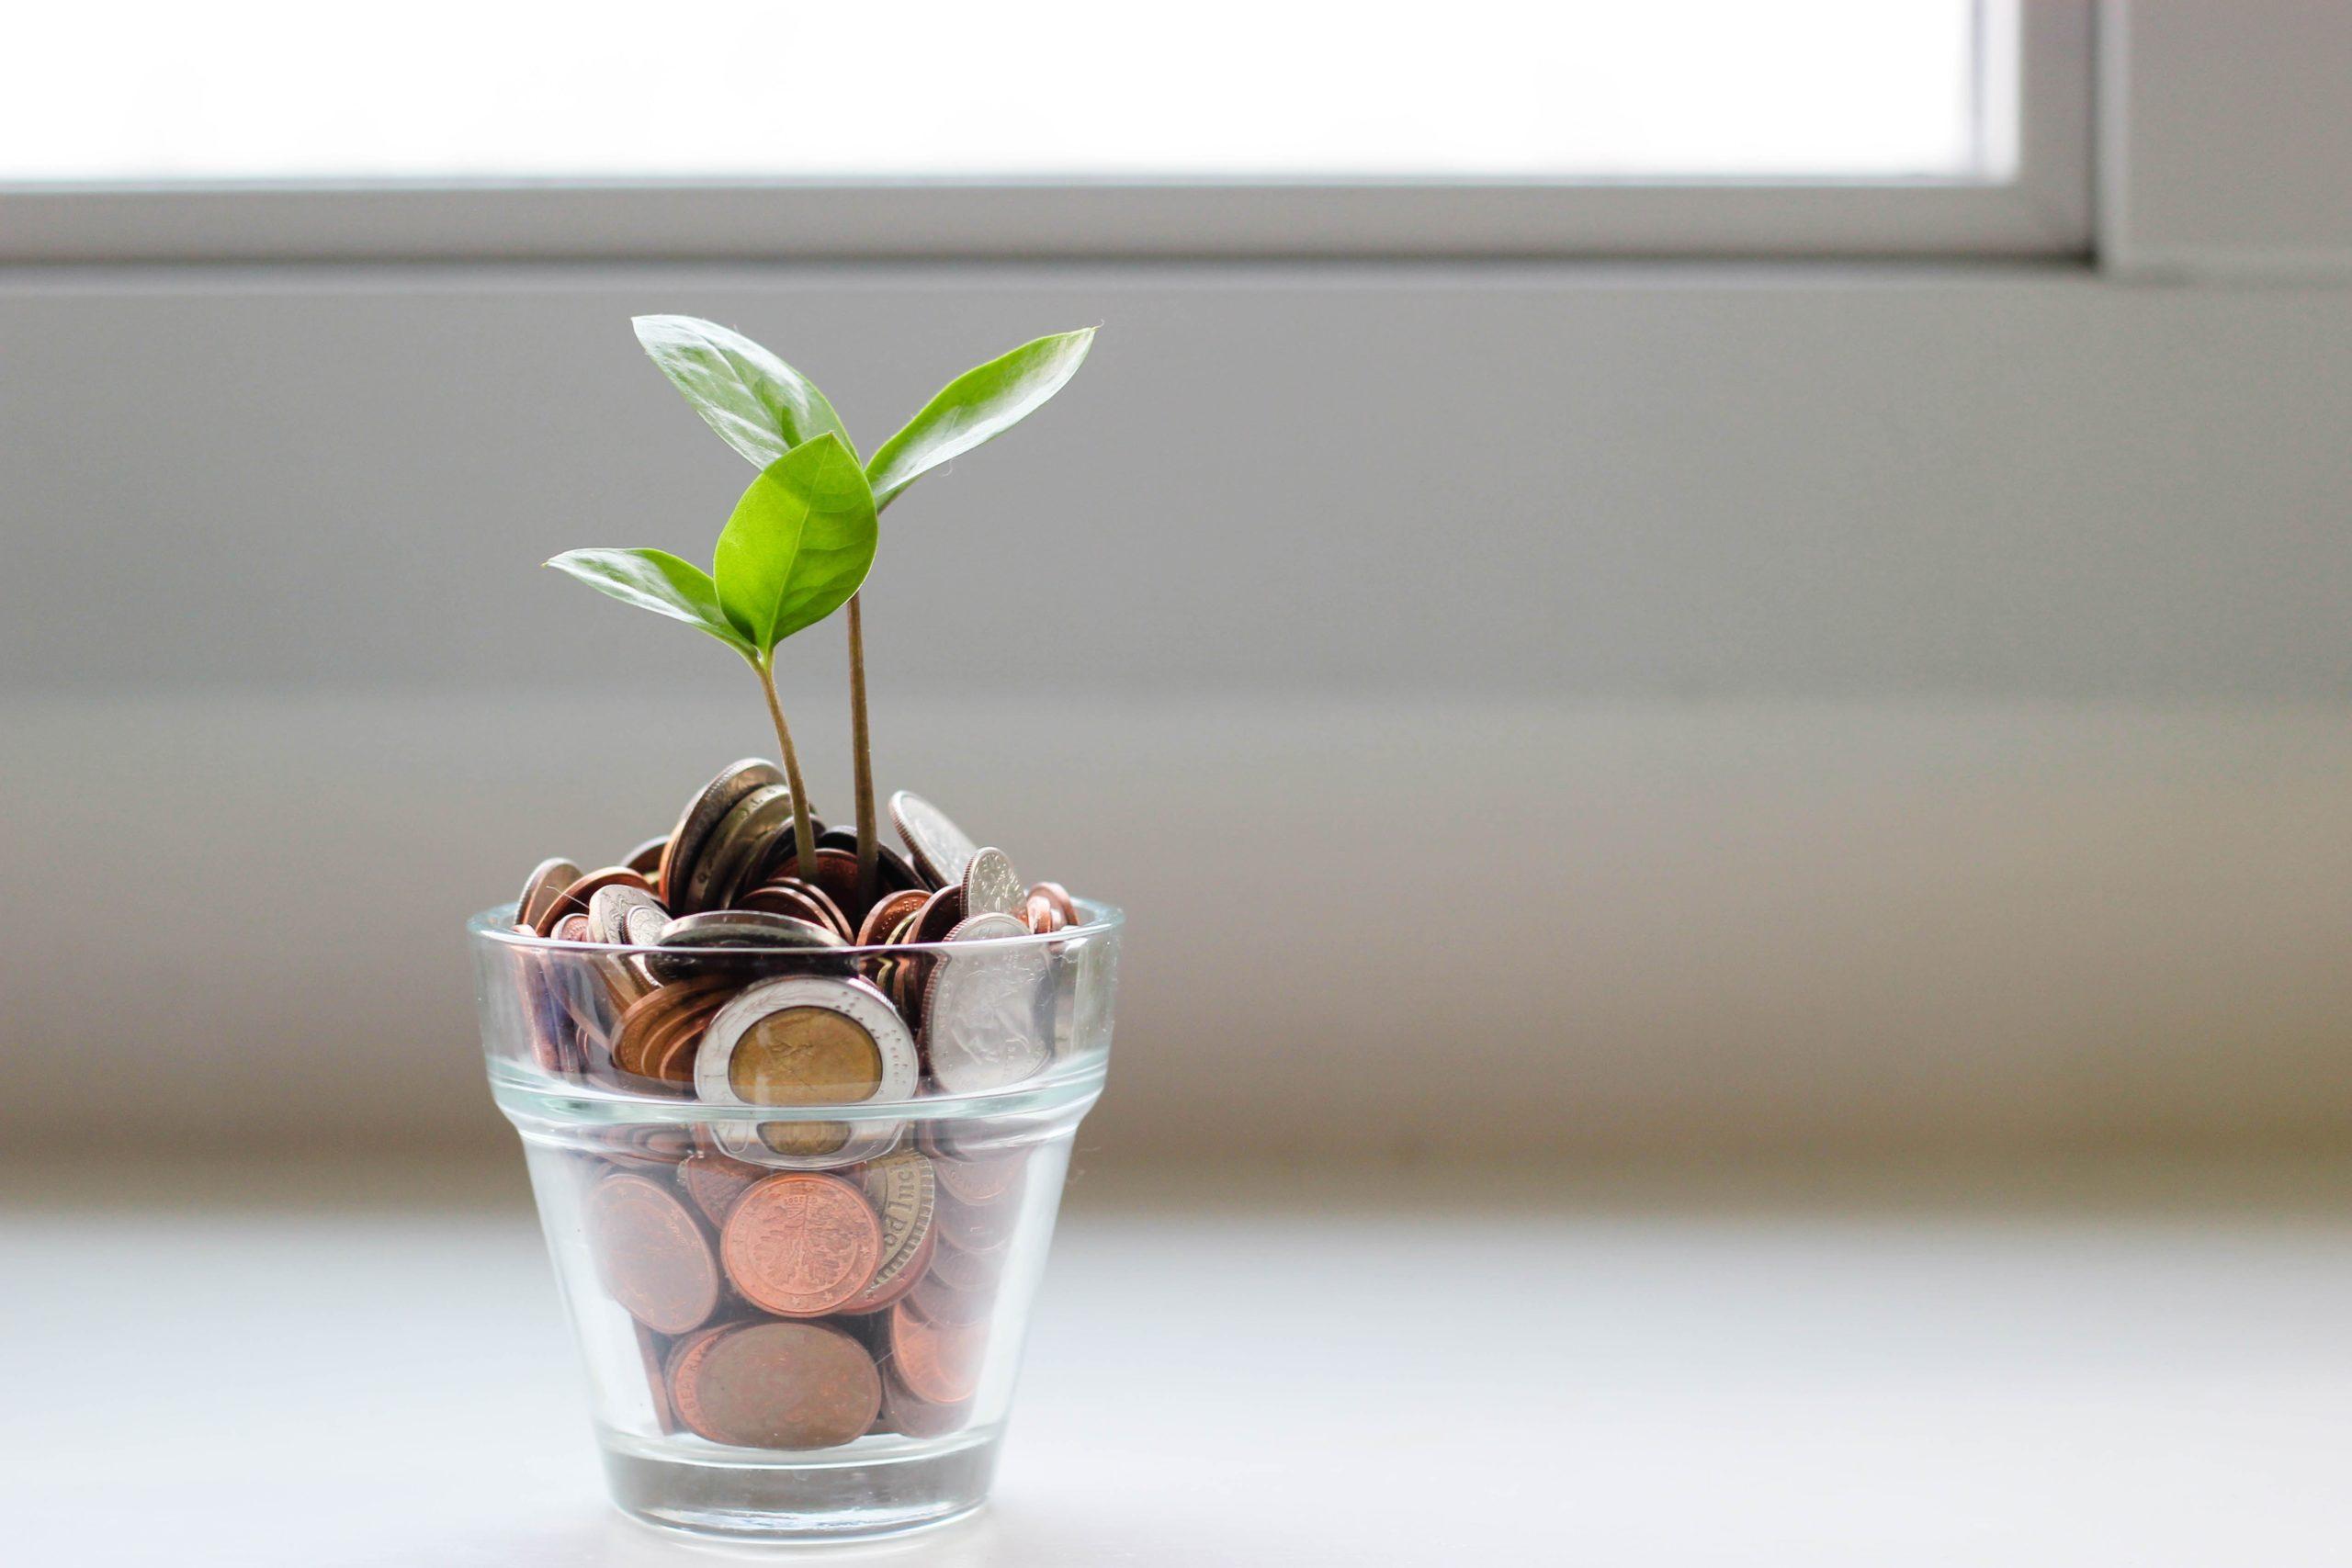 Preparing Children for Inheritances in the Future